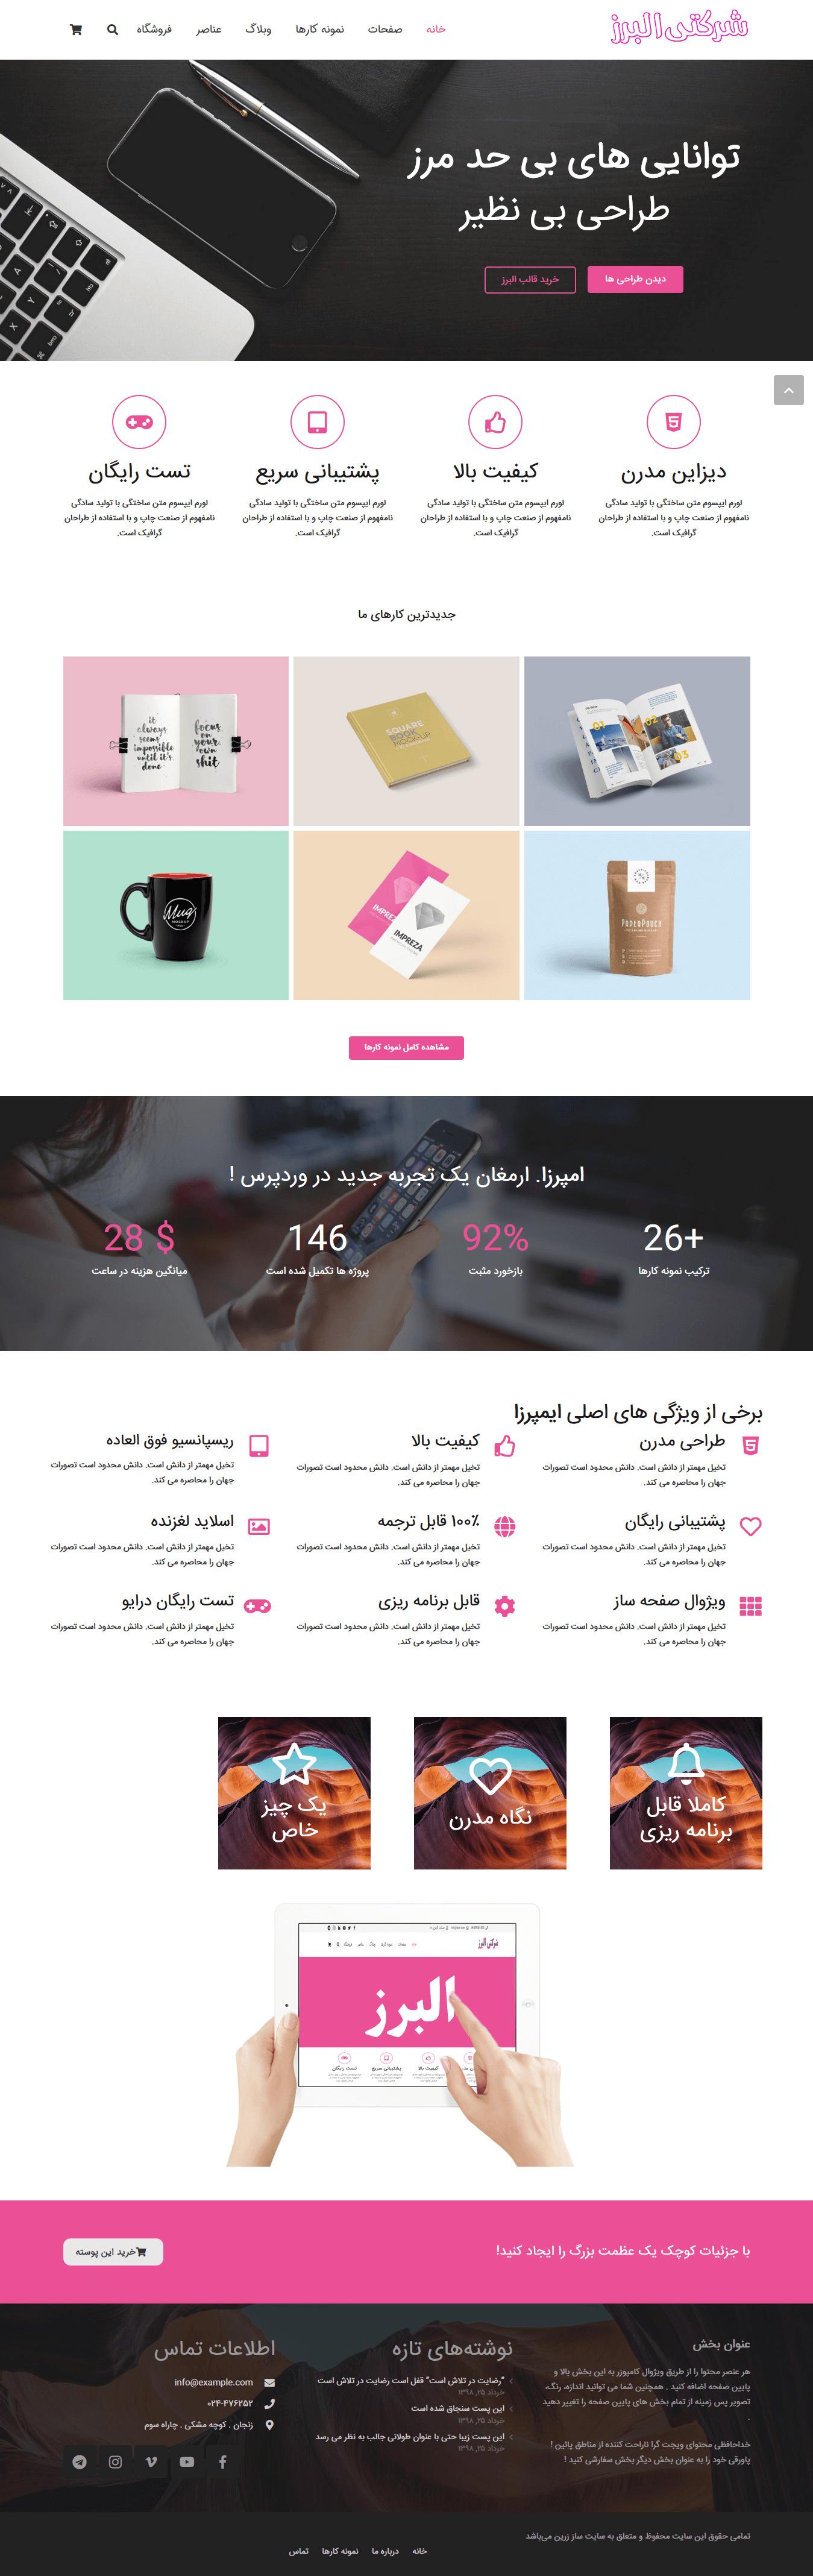 وب سایت شرکتی البرز